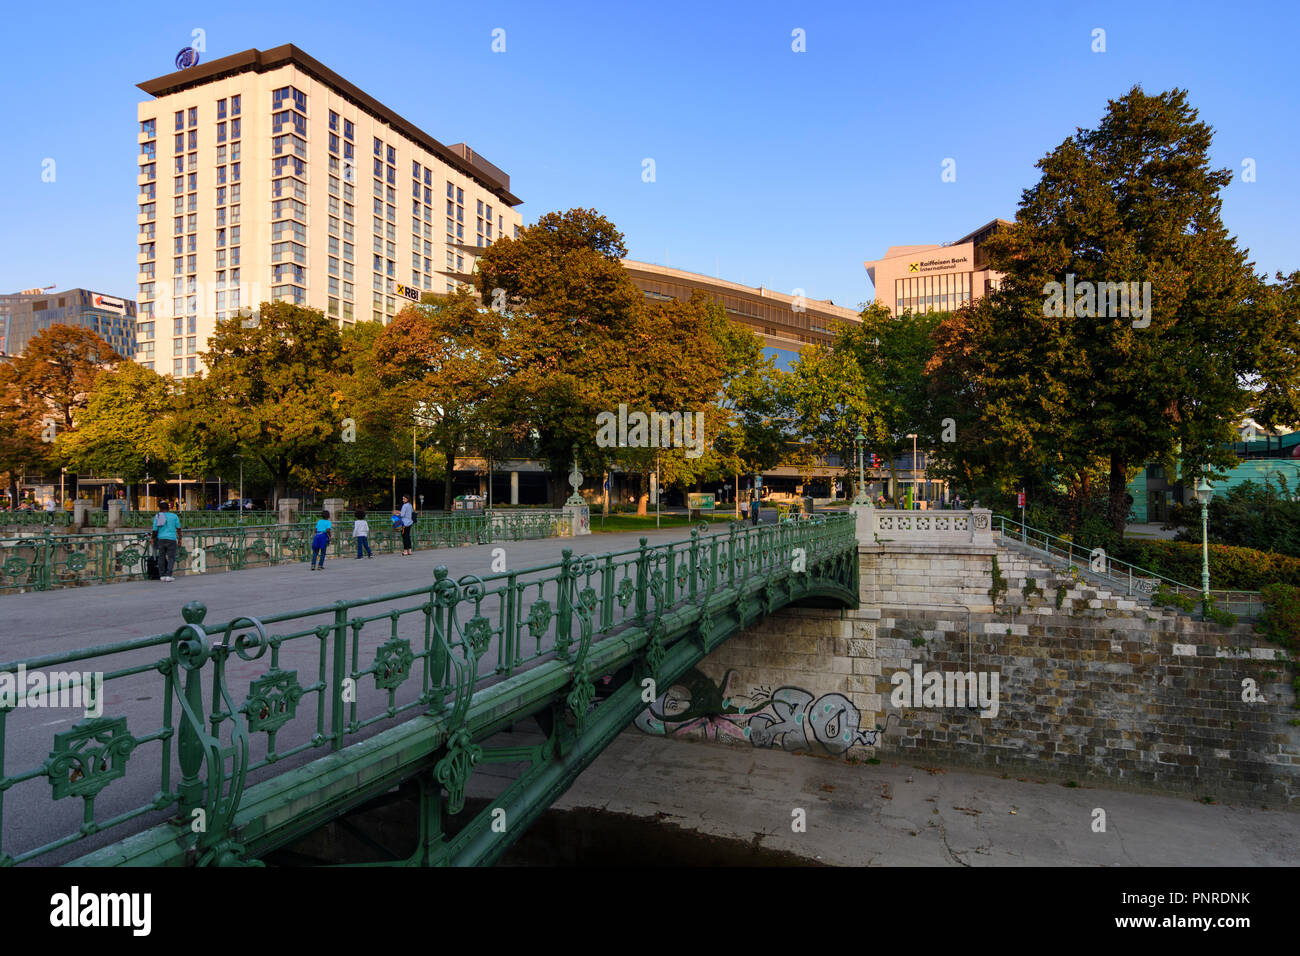 Wien Wien Park Stadtpark Brucke Kleine Ungarbrucke Hilton Hotel